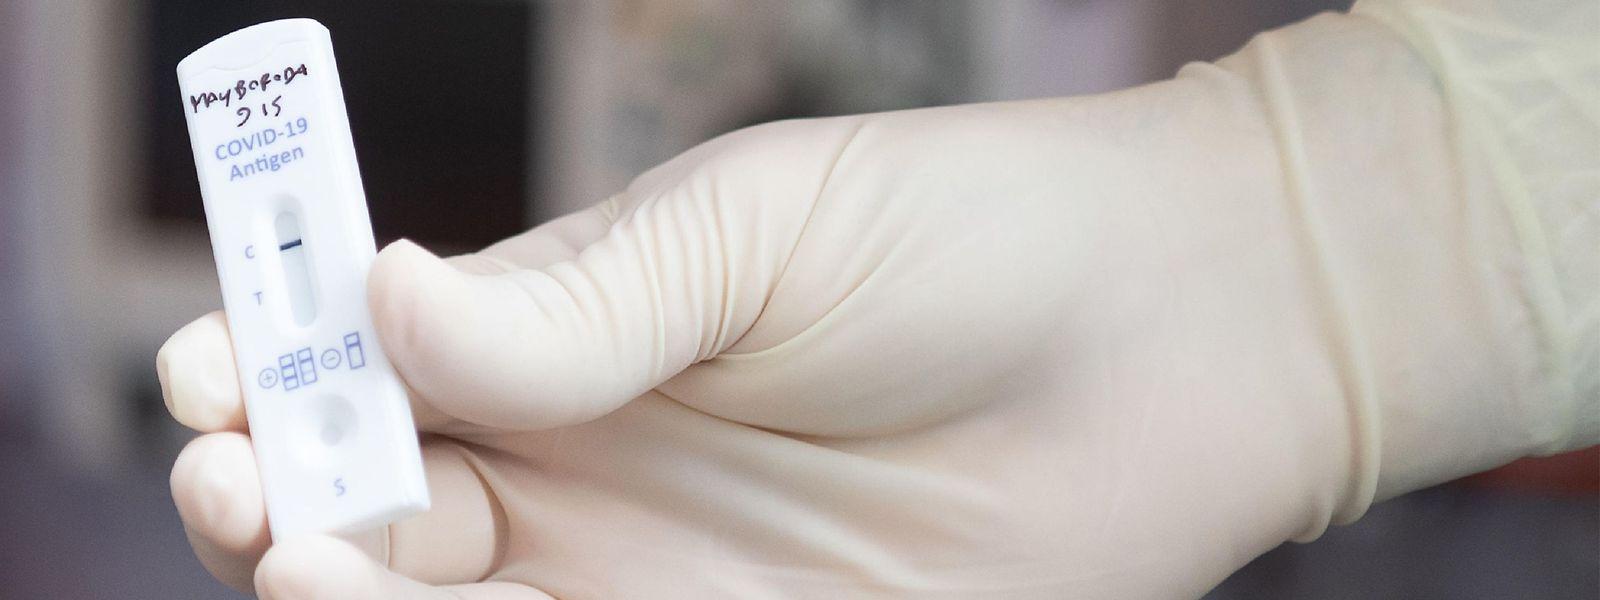 Cinq kits différents sont actuellement étudiés par les équipes du Laboratoire national de santé luxembourgeois.